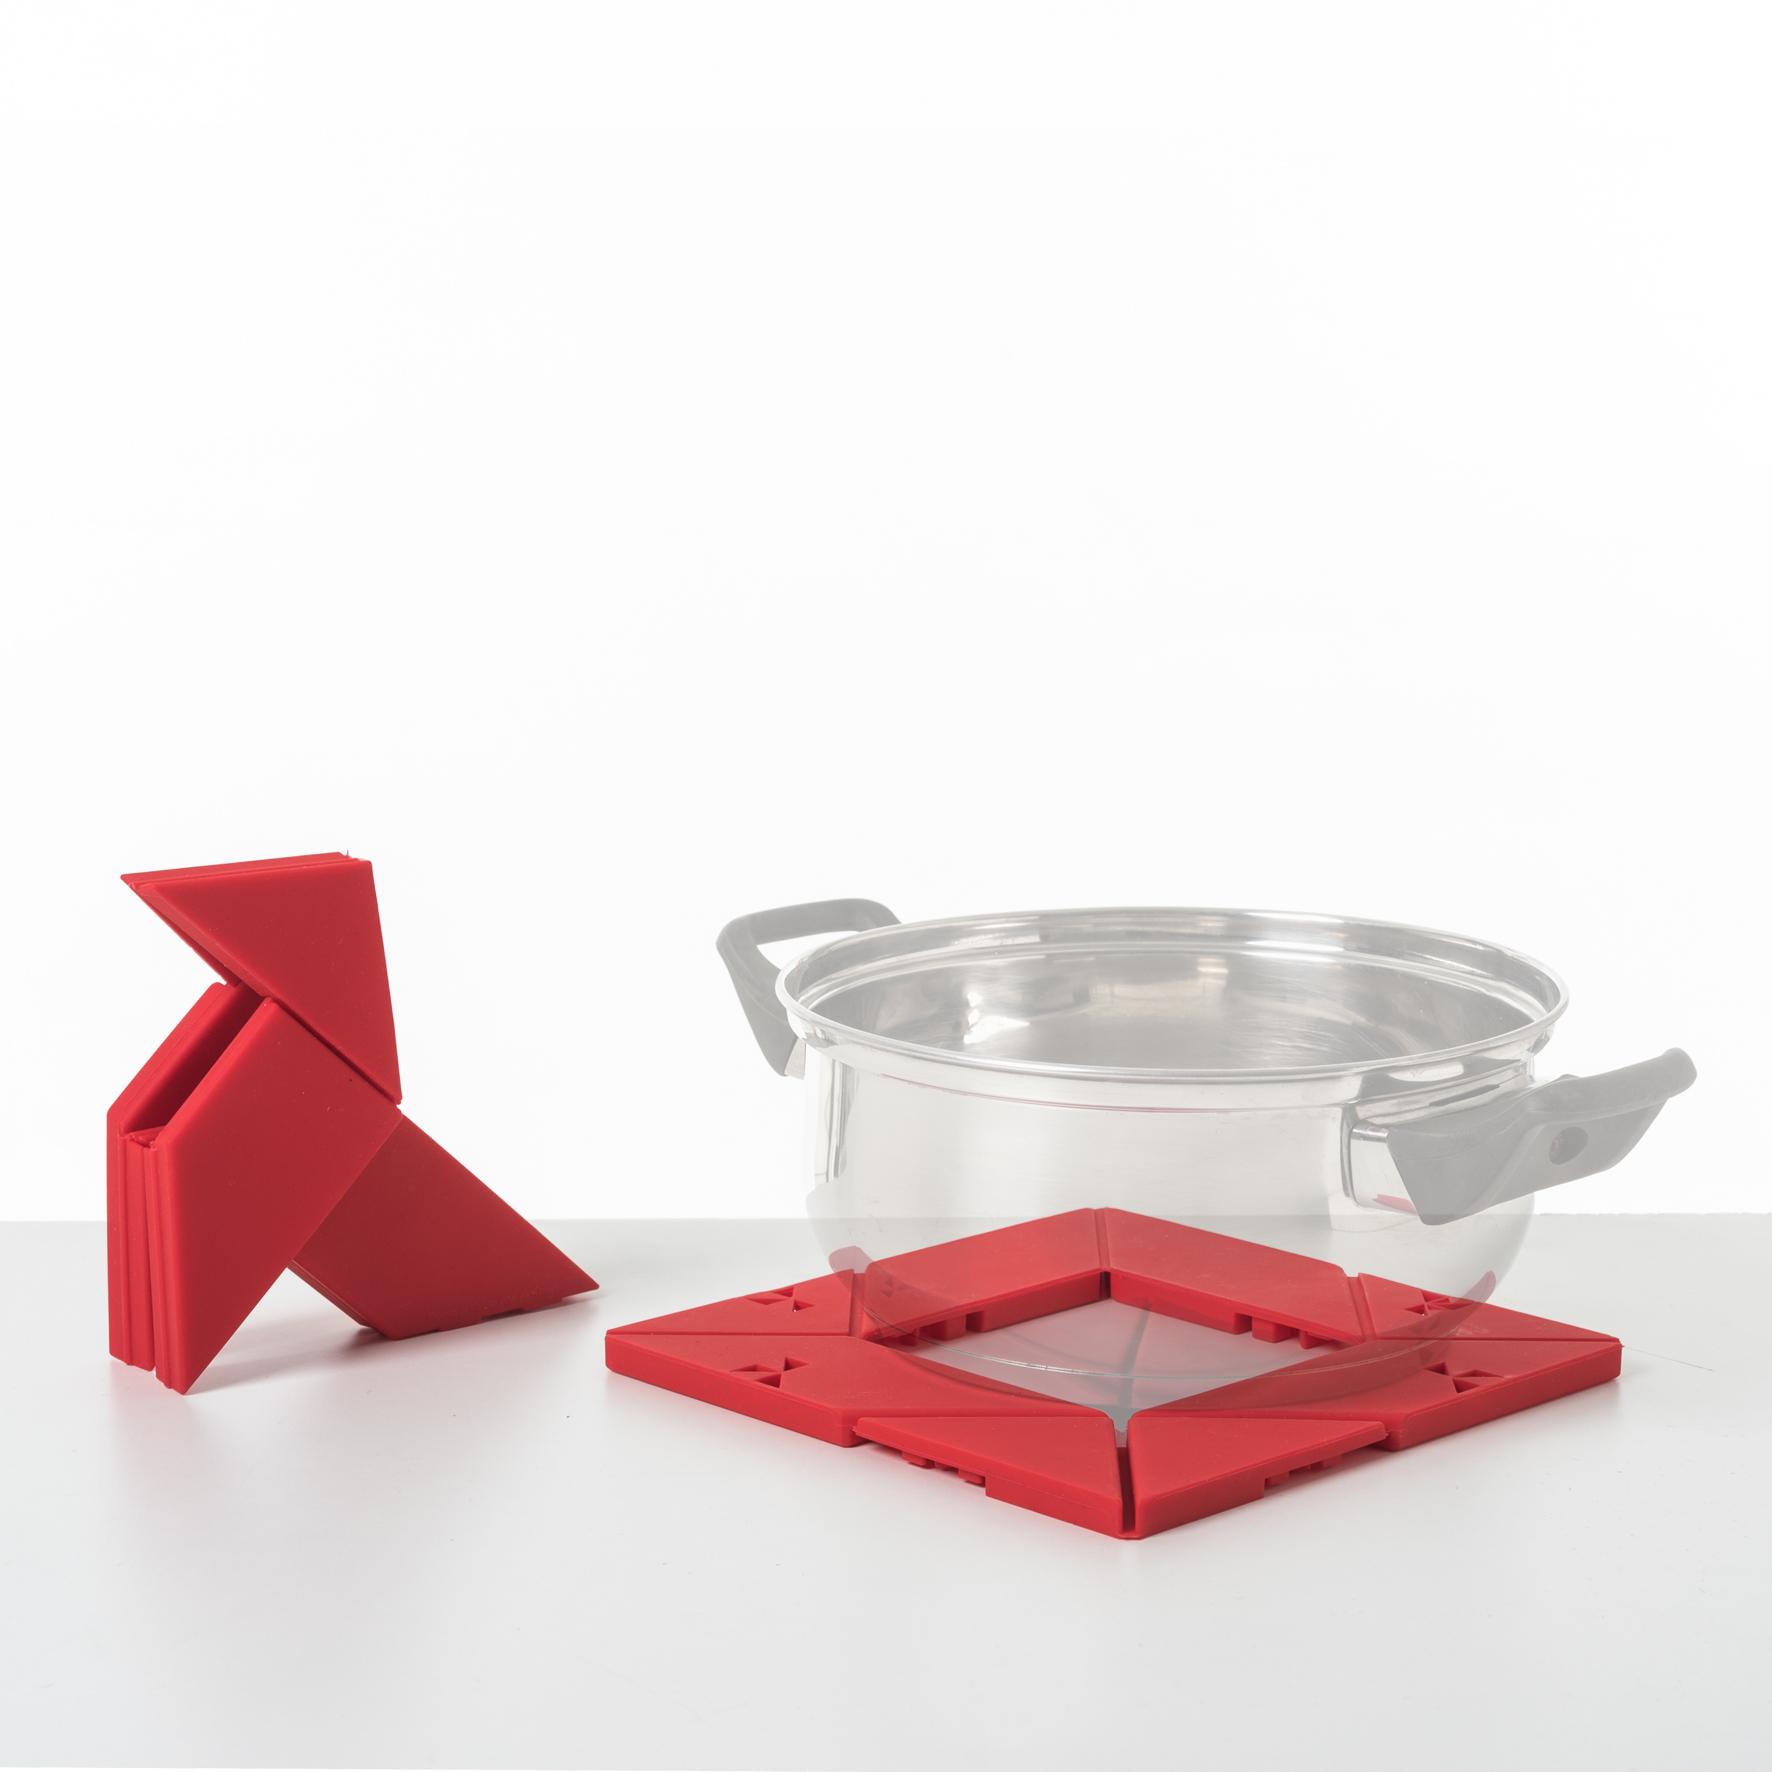 dessous de plat otorigami pour pa design thomas de cointet. Black Bedroom Furniture Sets. Home Design Ideas